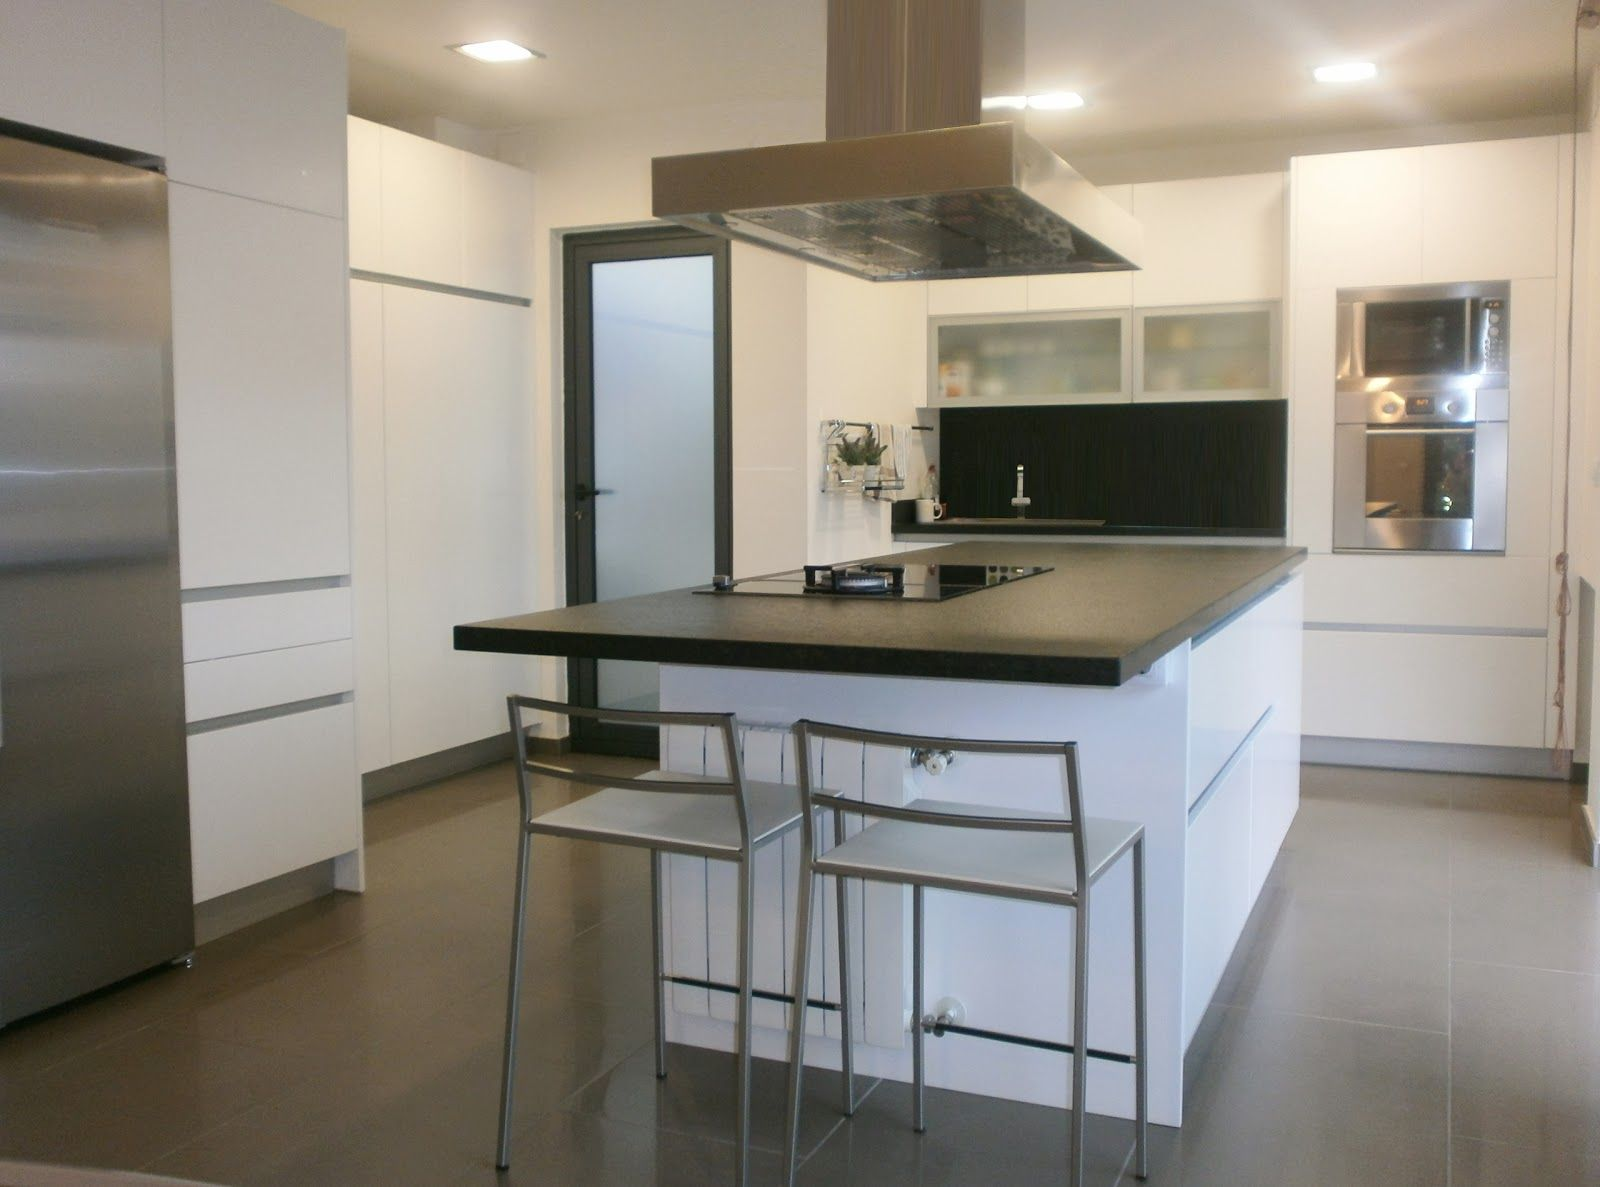 granito negro y cocina blanca sobria y actual cocinas